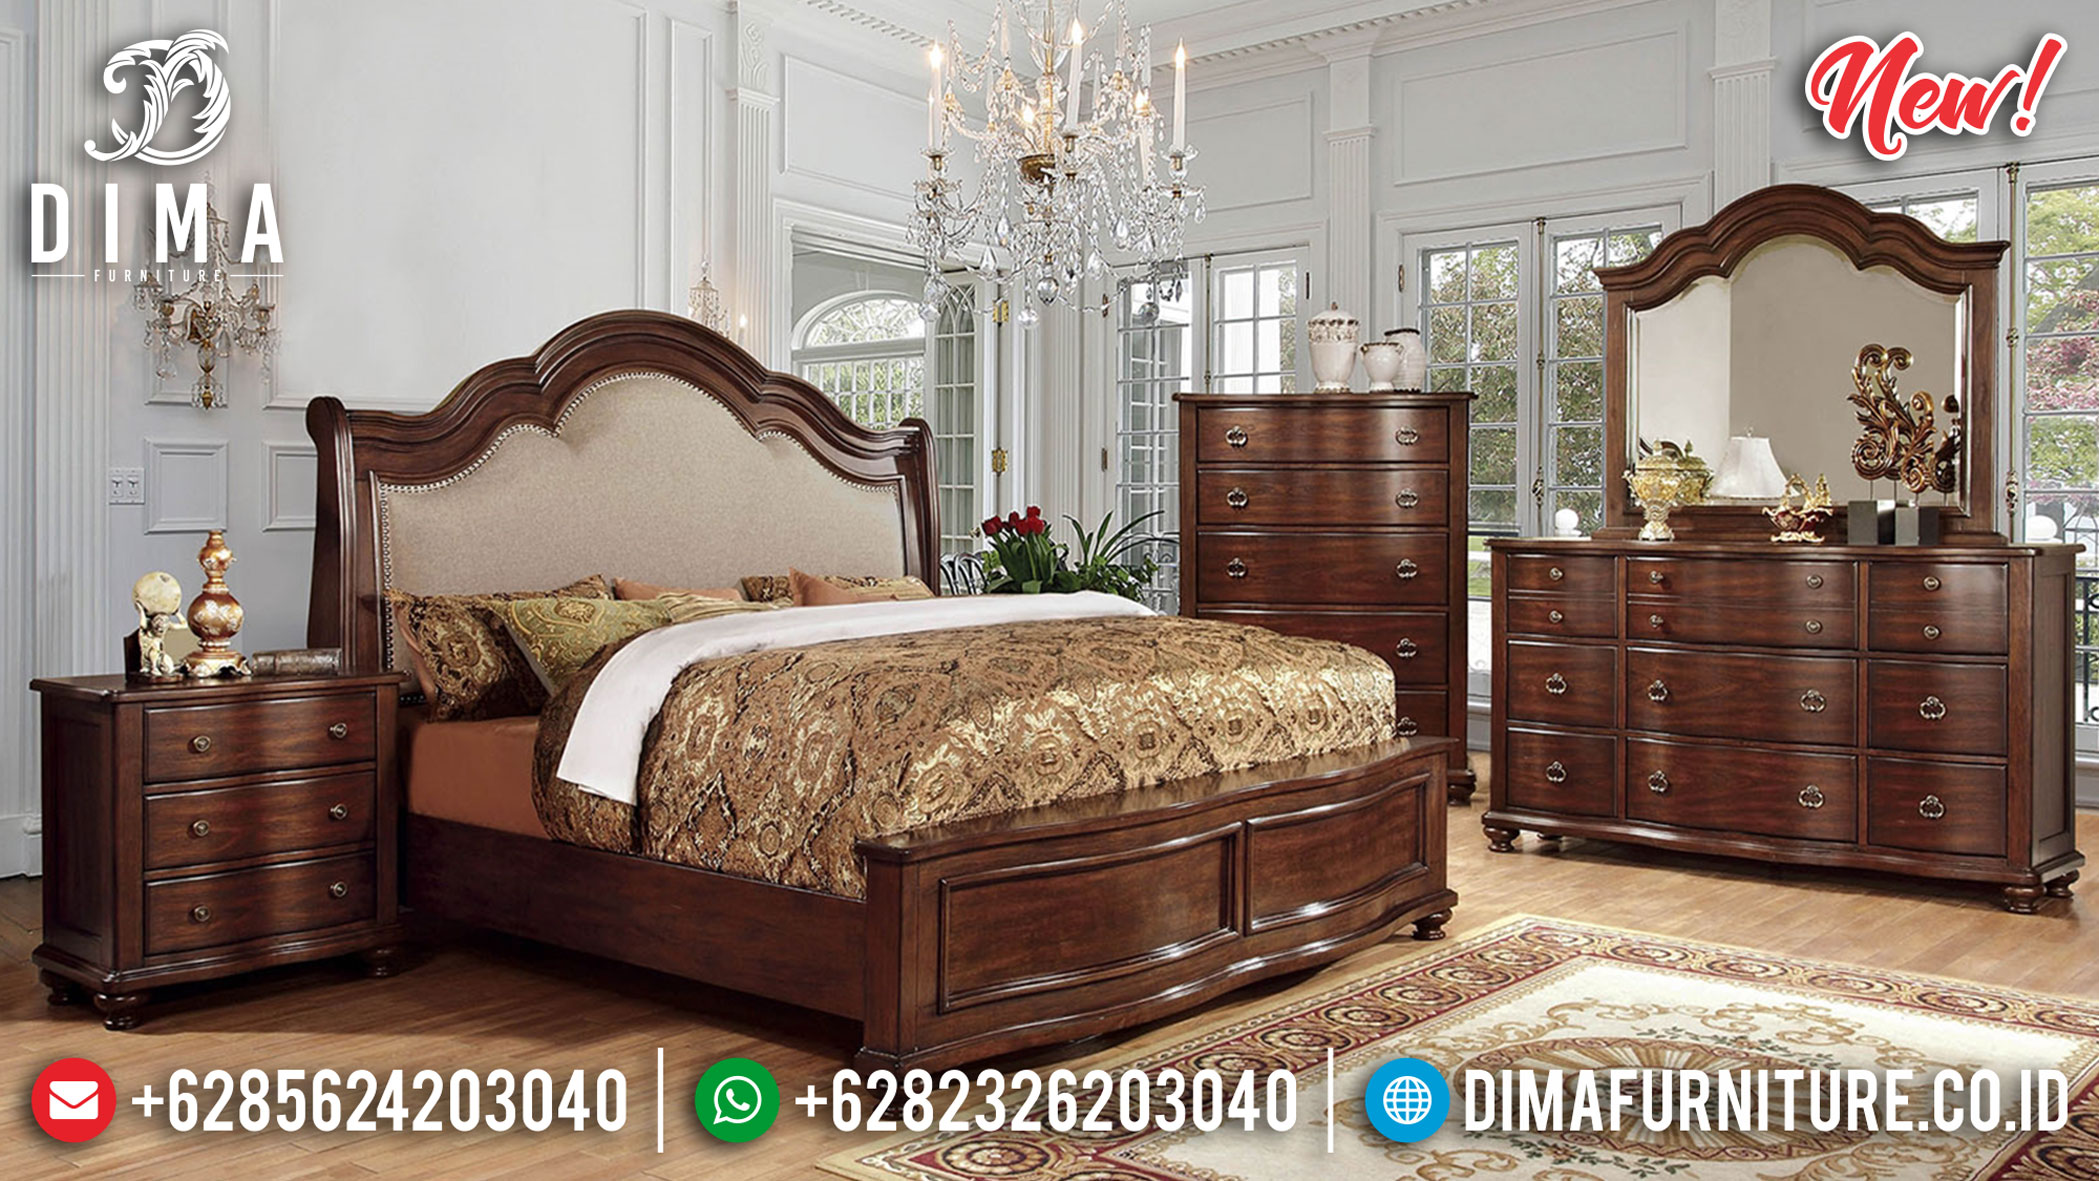 Terlaris Tempat Tidur Minimalis Natural Jati Best Seller Mebel Jepara BT-0906